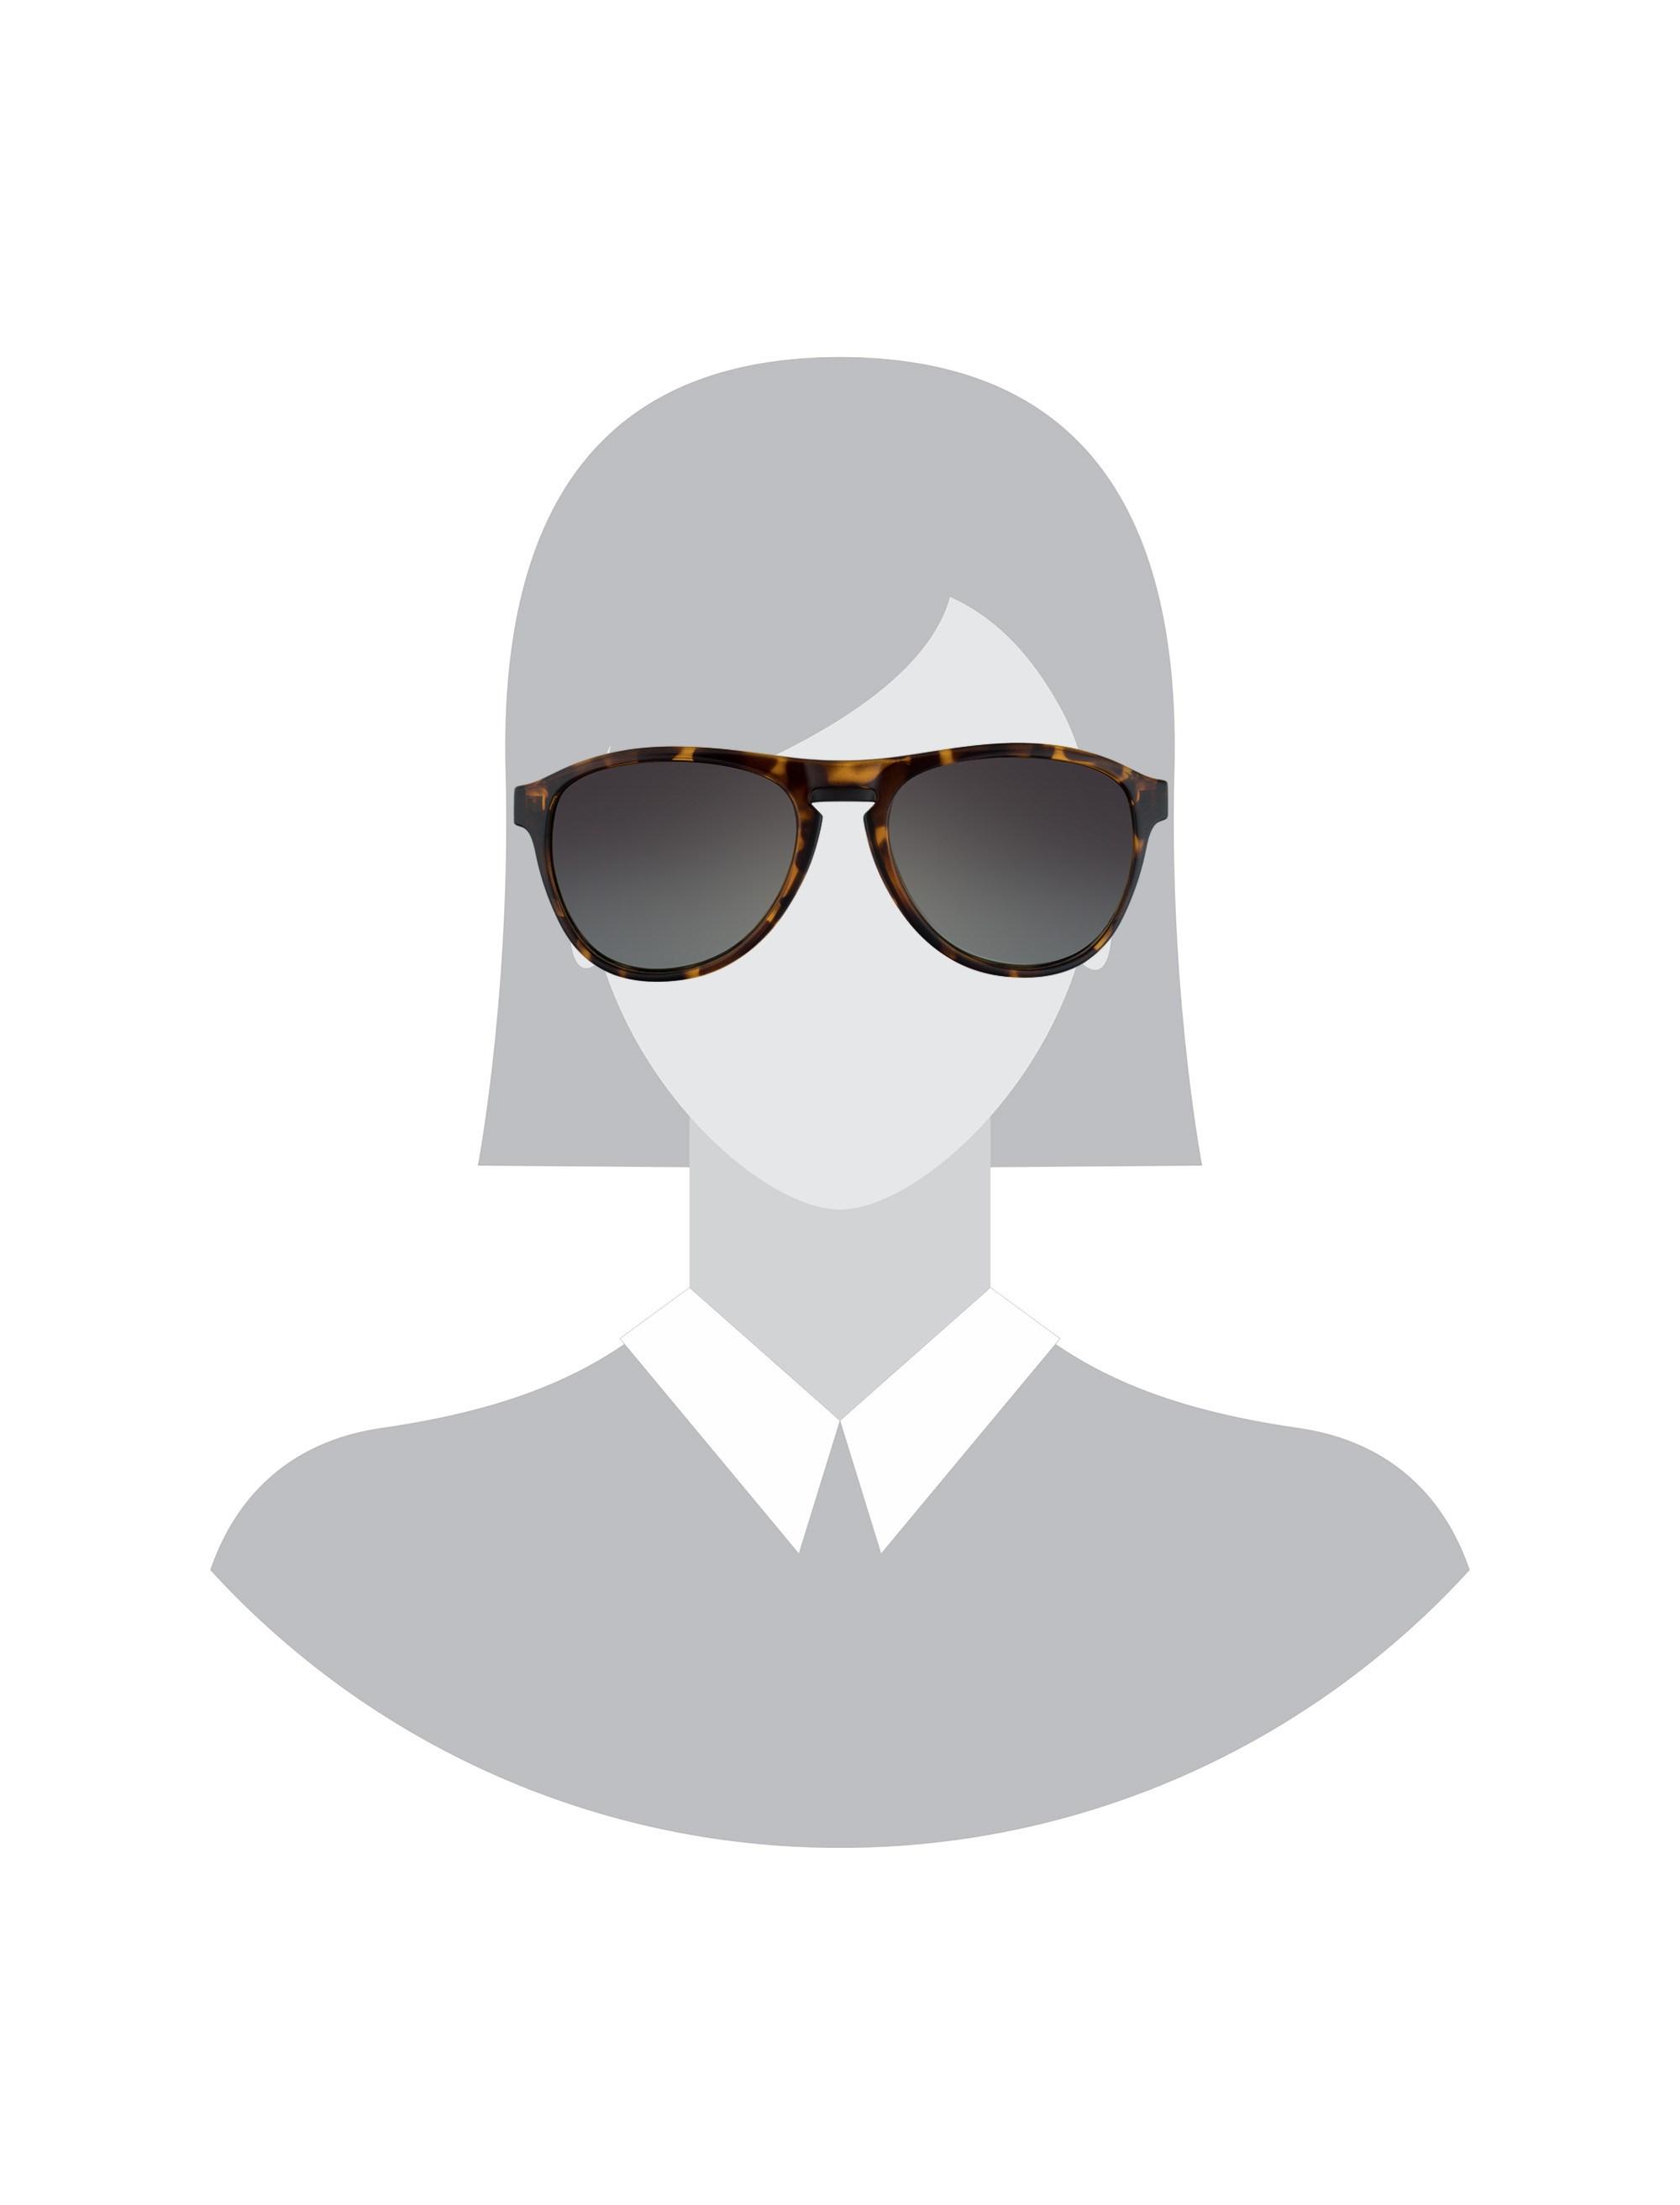 عینک آفتابی خلبانی زنانه - تد بیکر - قهوه اي لاک پشتي - 7